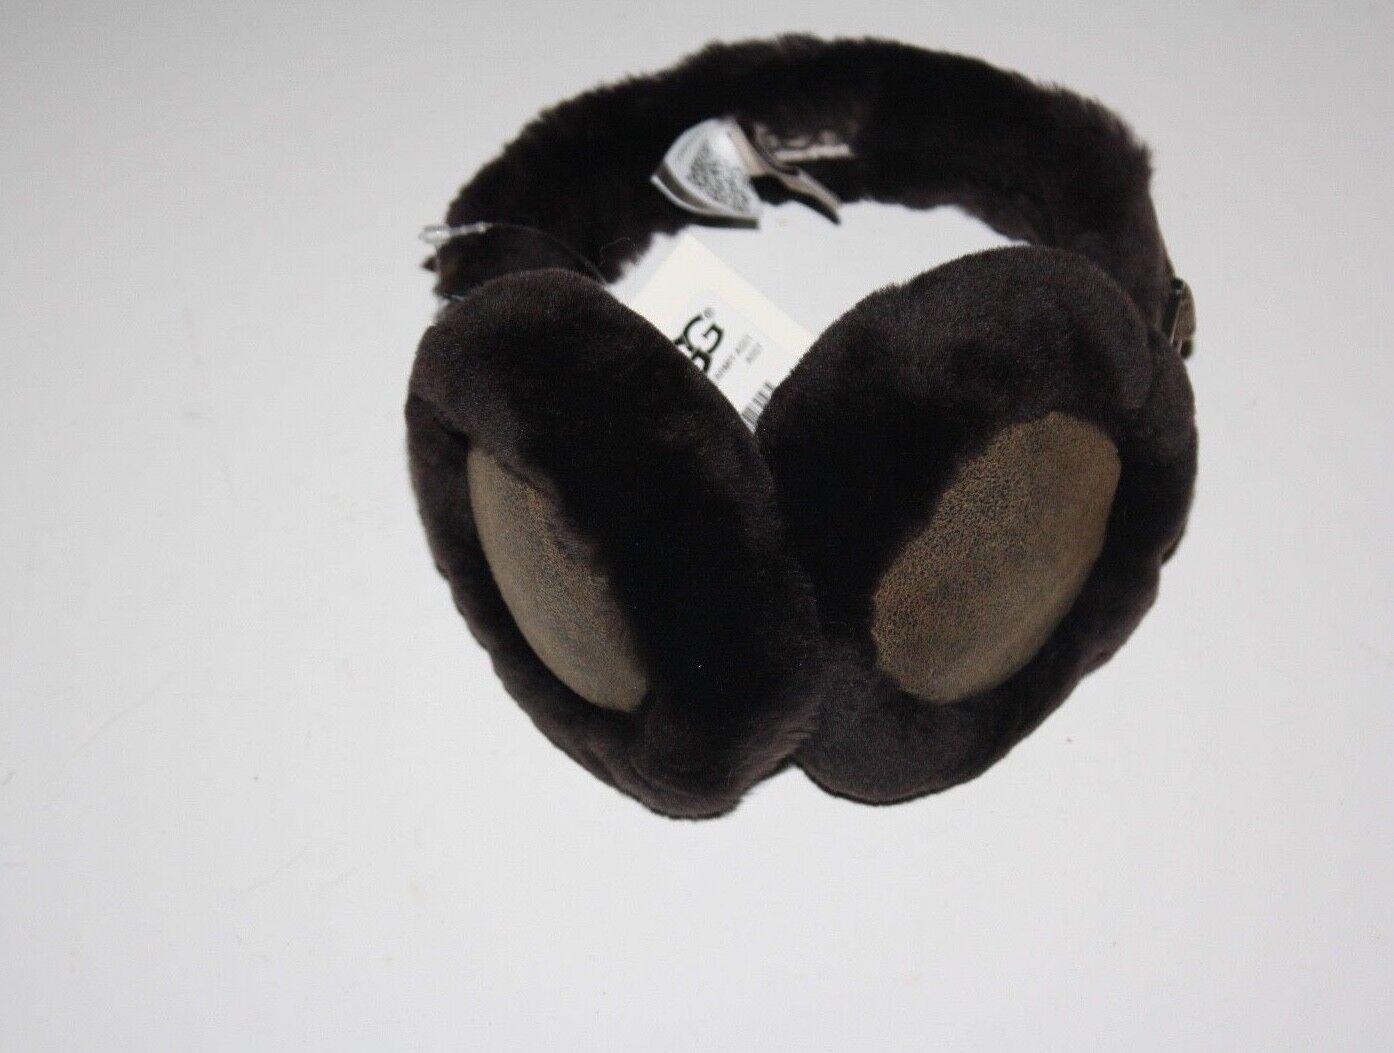 UGG Australia Cache-oreilles en peau de mouton et peau de mouton brun, taille unique, Territoires du Nord-Ouest